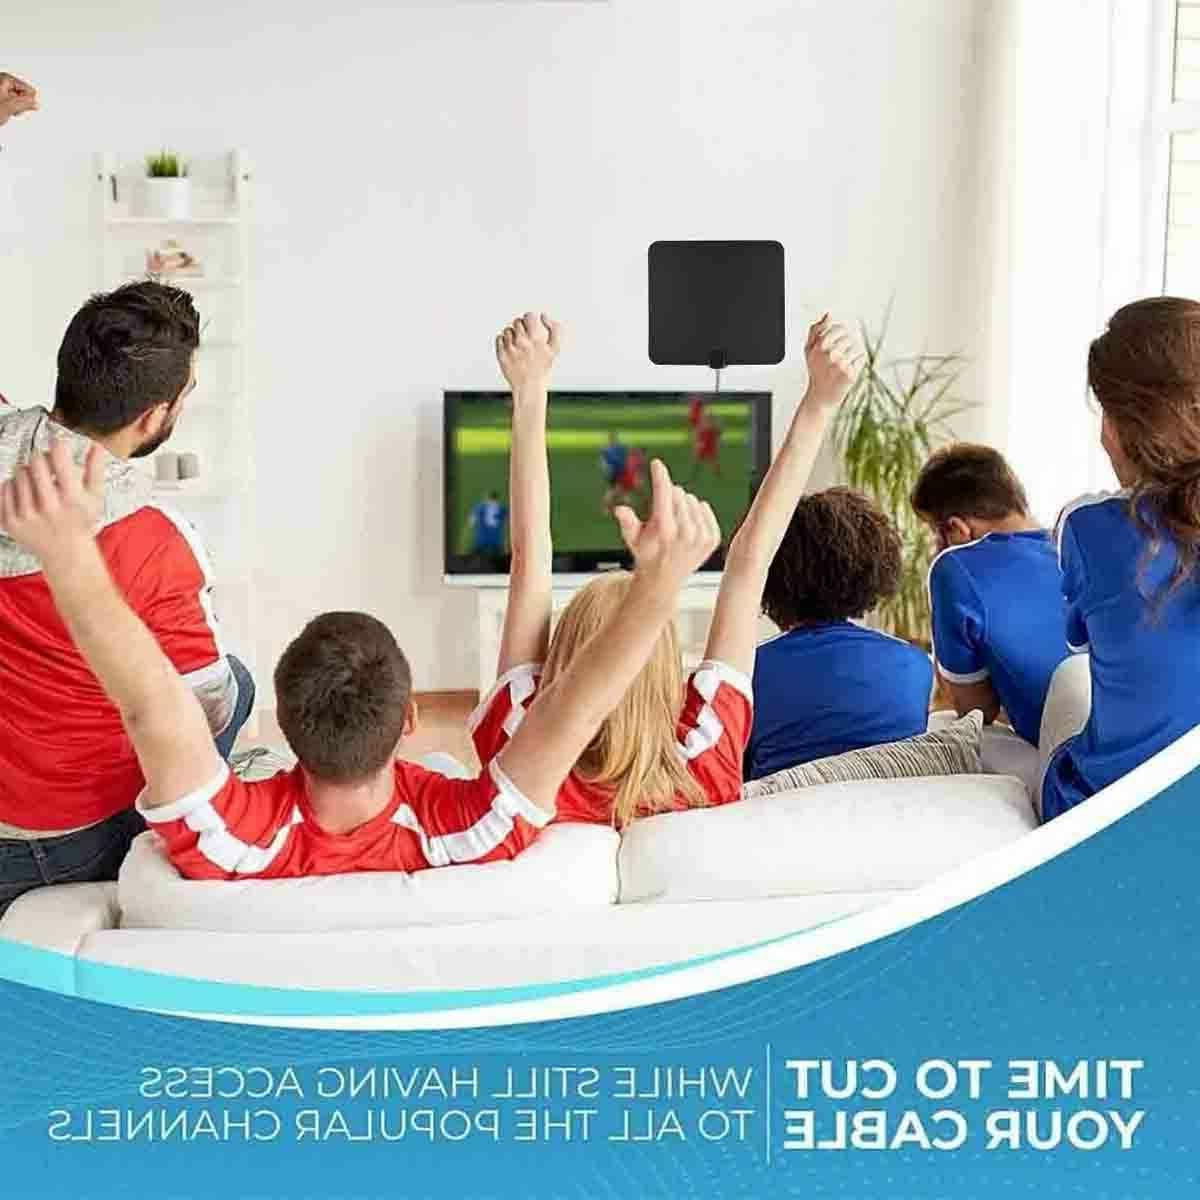 1000 Antenna Indoor Outdoor HD 13tf 4K 1080P